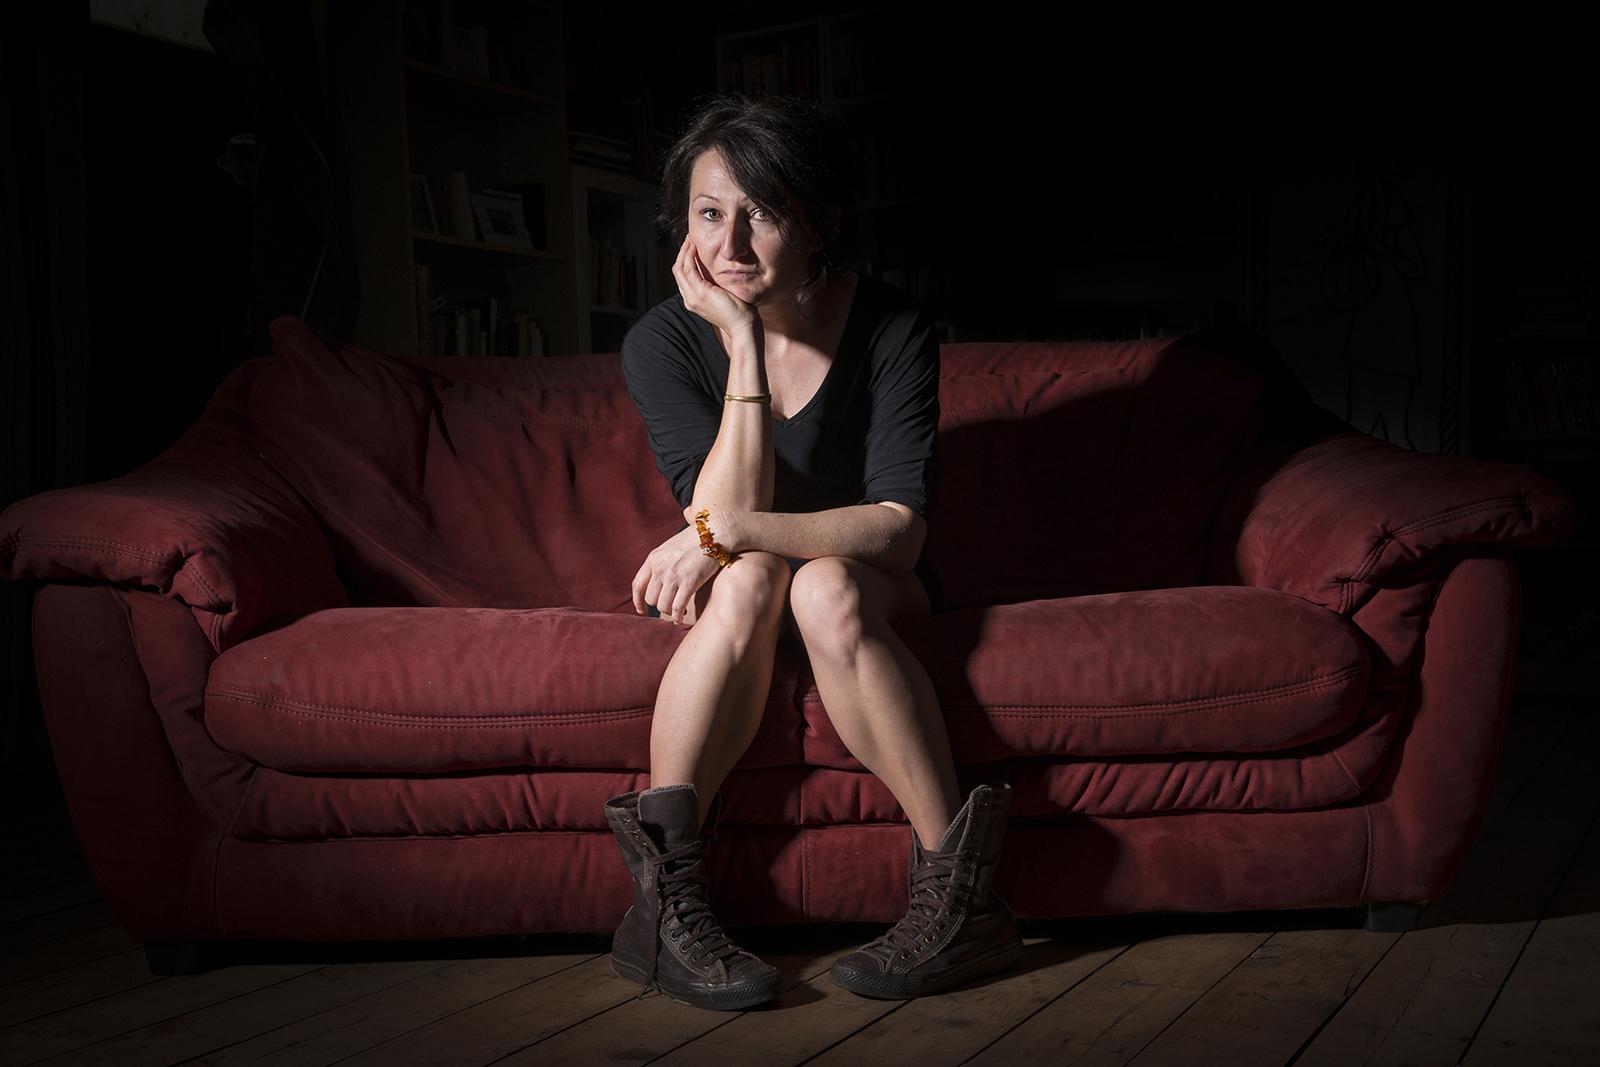 Jeune femme en robe noir asise sur un canapé rouge et lumière de cinéma